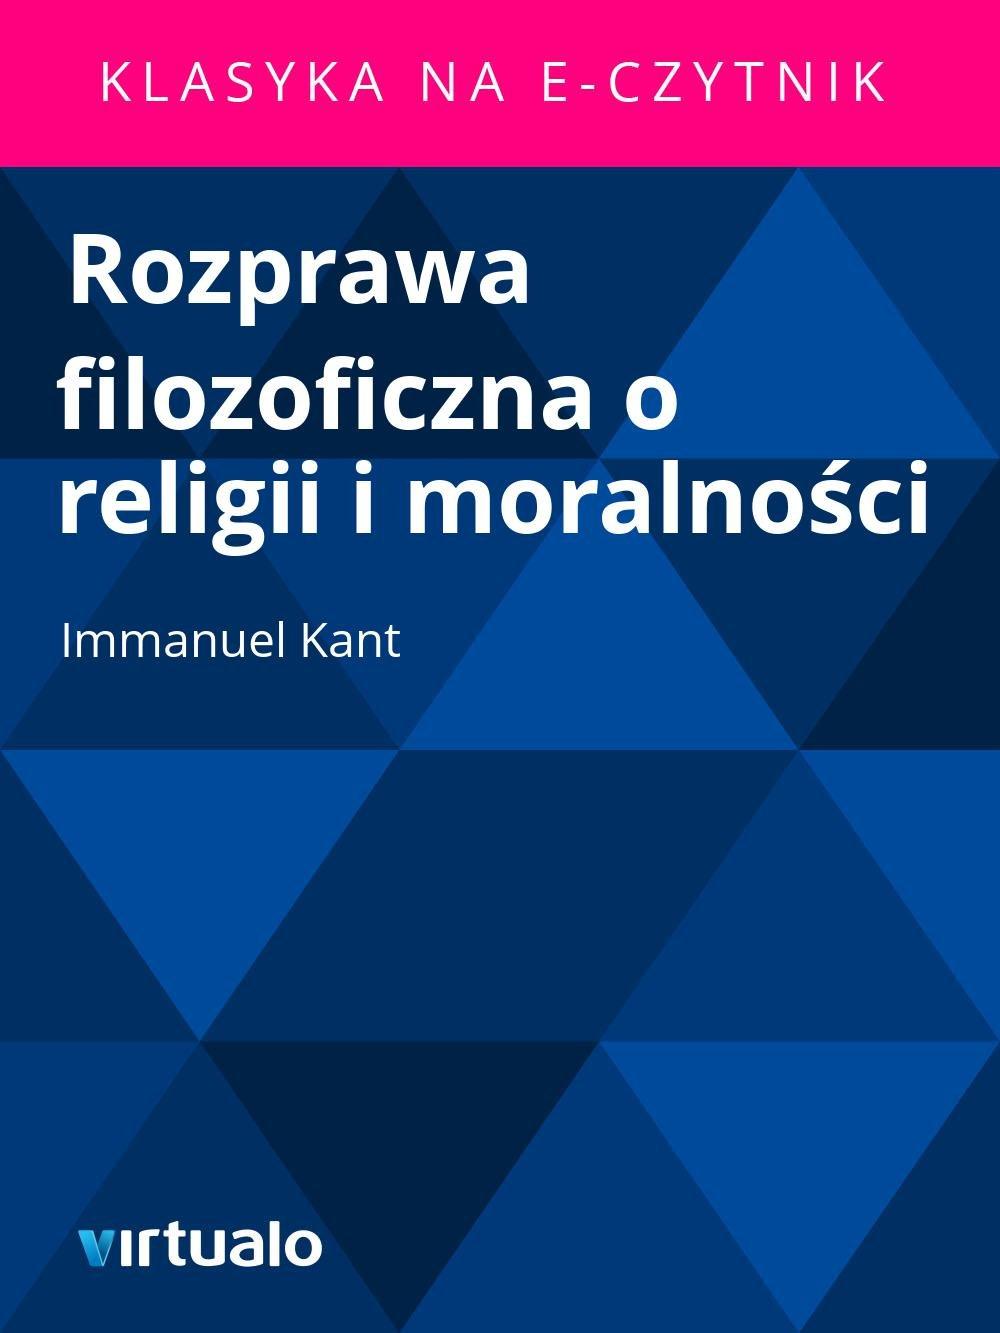 Rozprawa filozoficzna o religii i moralności - Ebook (Książka EPUB) do pobrania w formacie EPUB